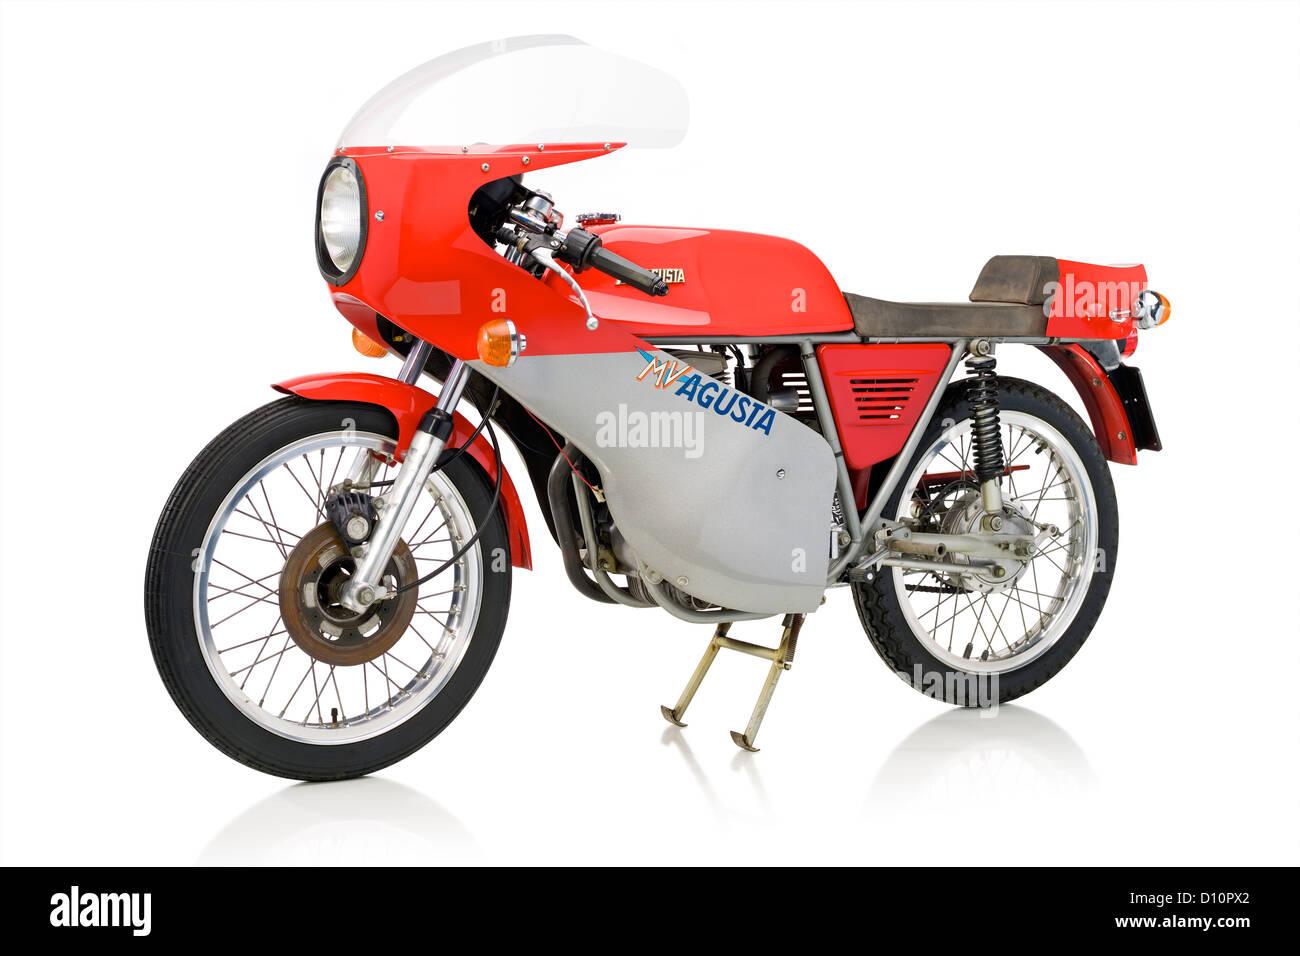 1972 MV Agusta 125 moto Supersport Banque D'Images